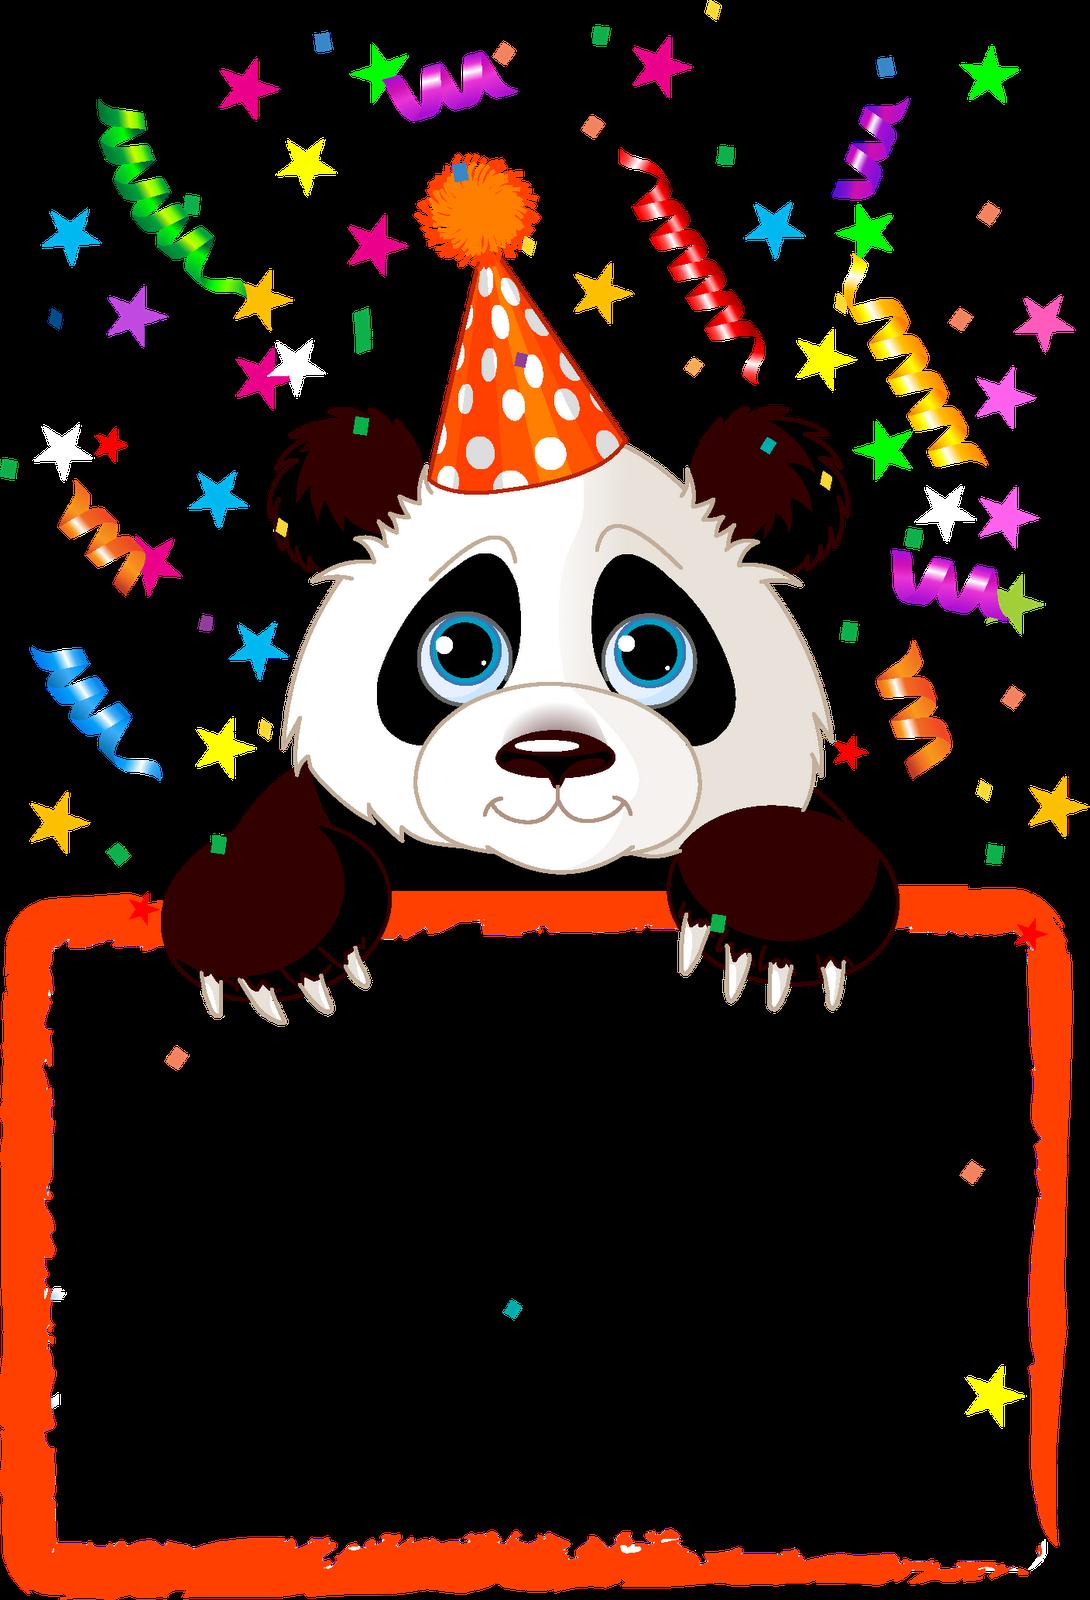 birthday png | MARCOS GRATIS PARA FOTOS: HAPPY BIRTHDAY, FELIZ CUMPLEAÑOS  PNG - WwwPNG Gratis